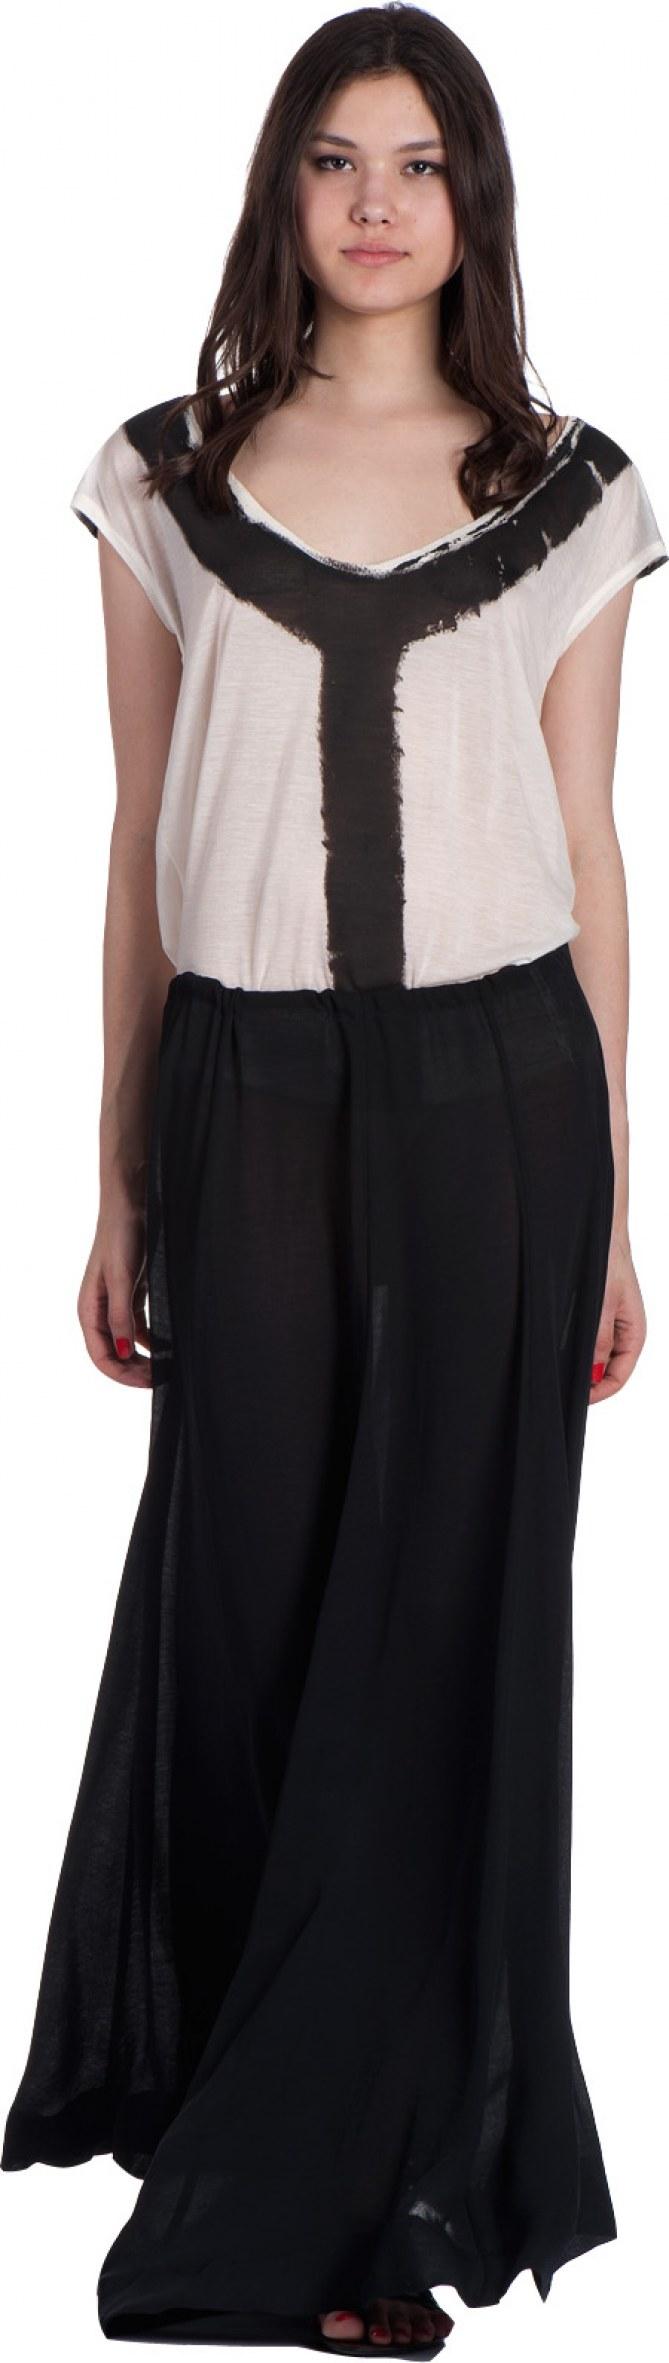 tenue victoria beckham jupe longue noire